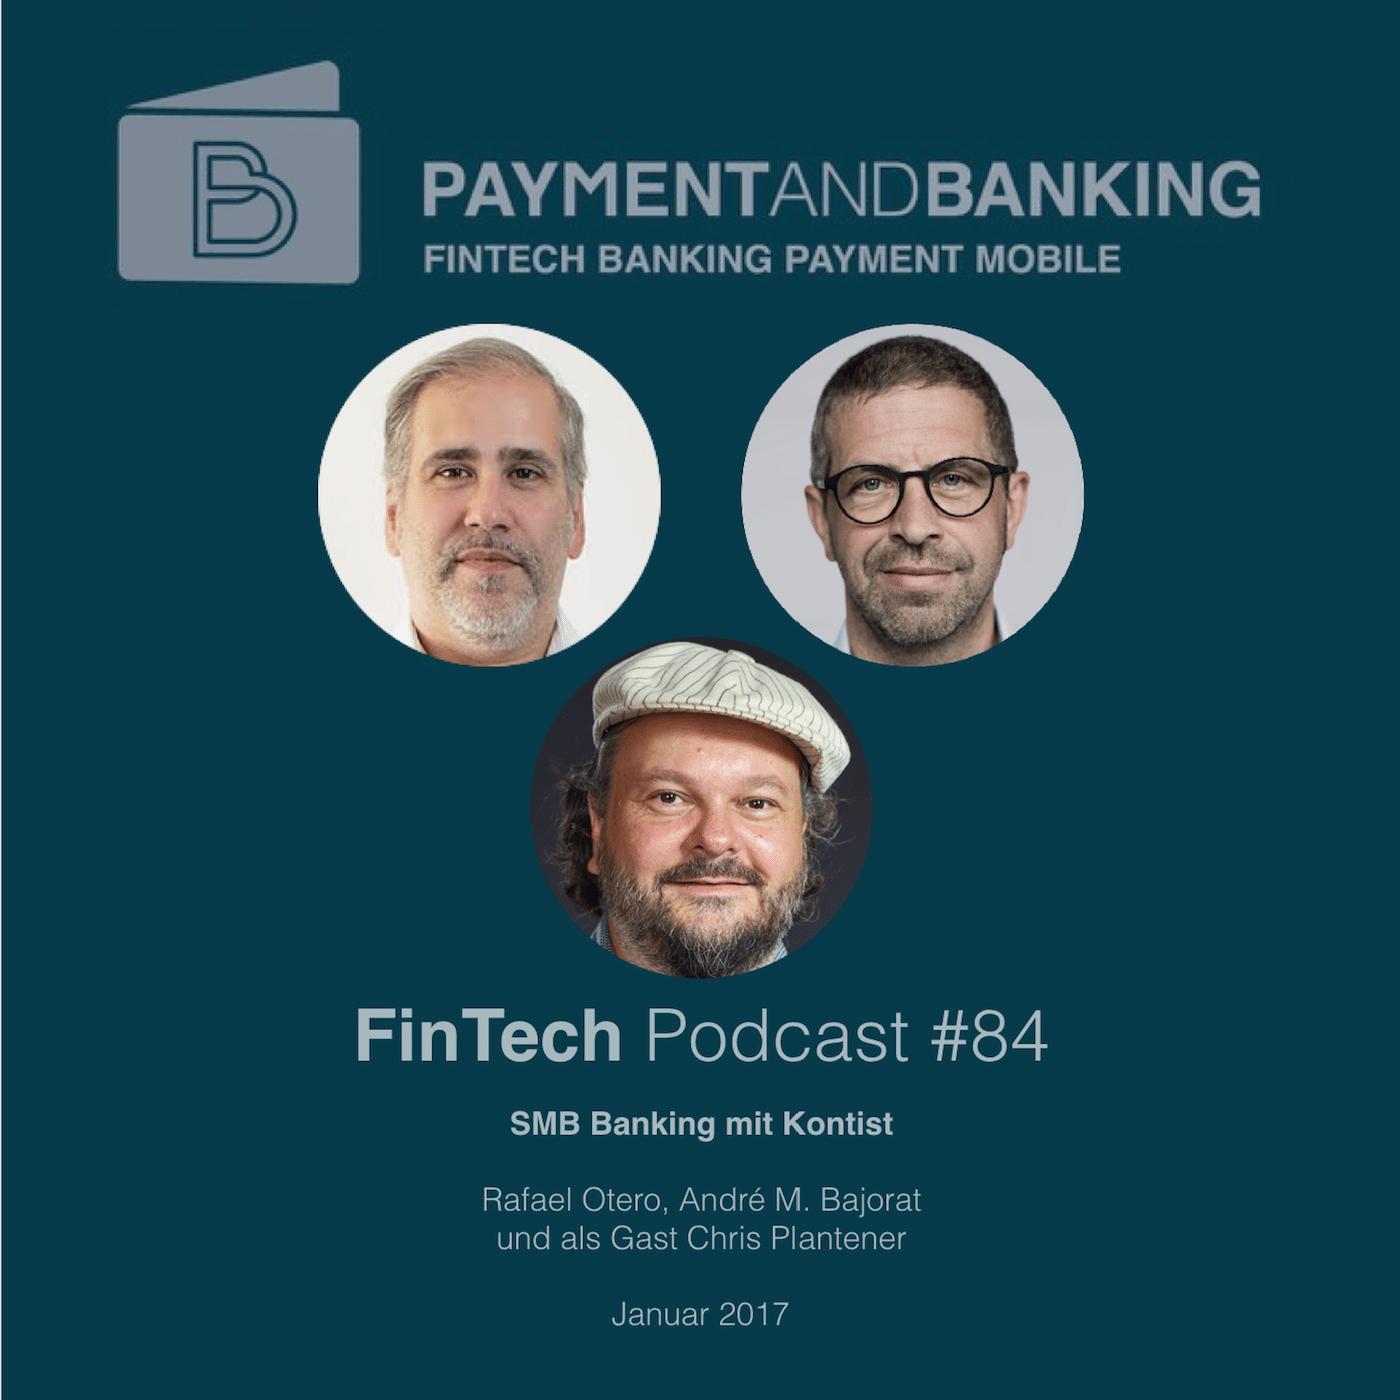 Fintech Podcast #84